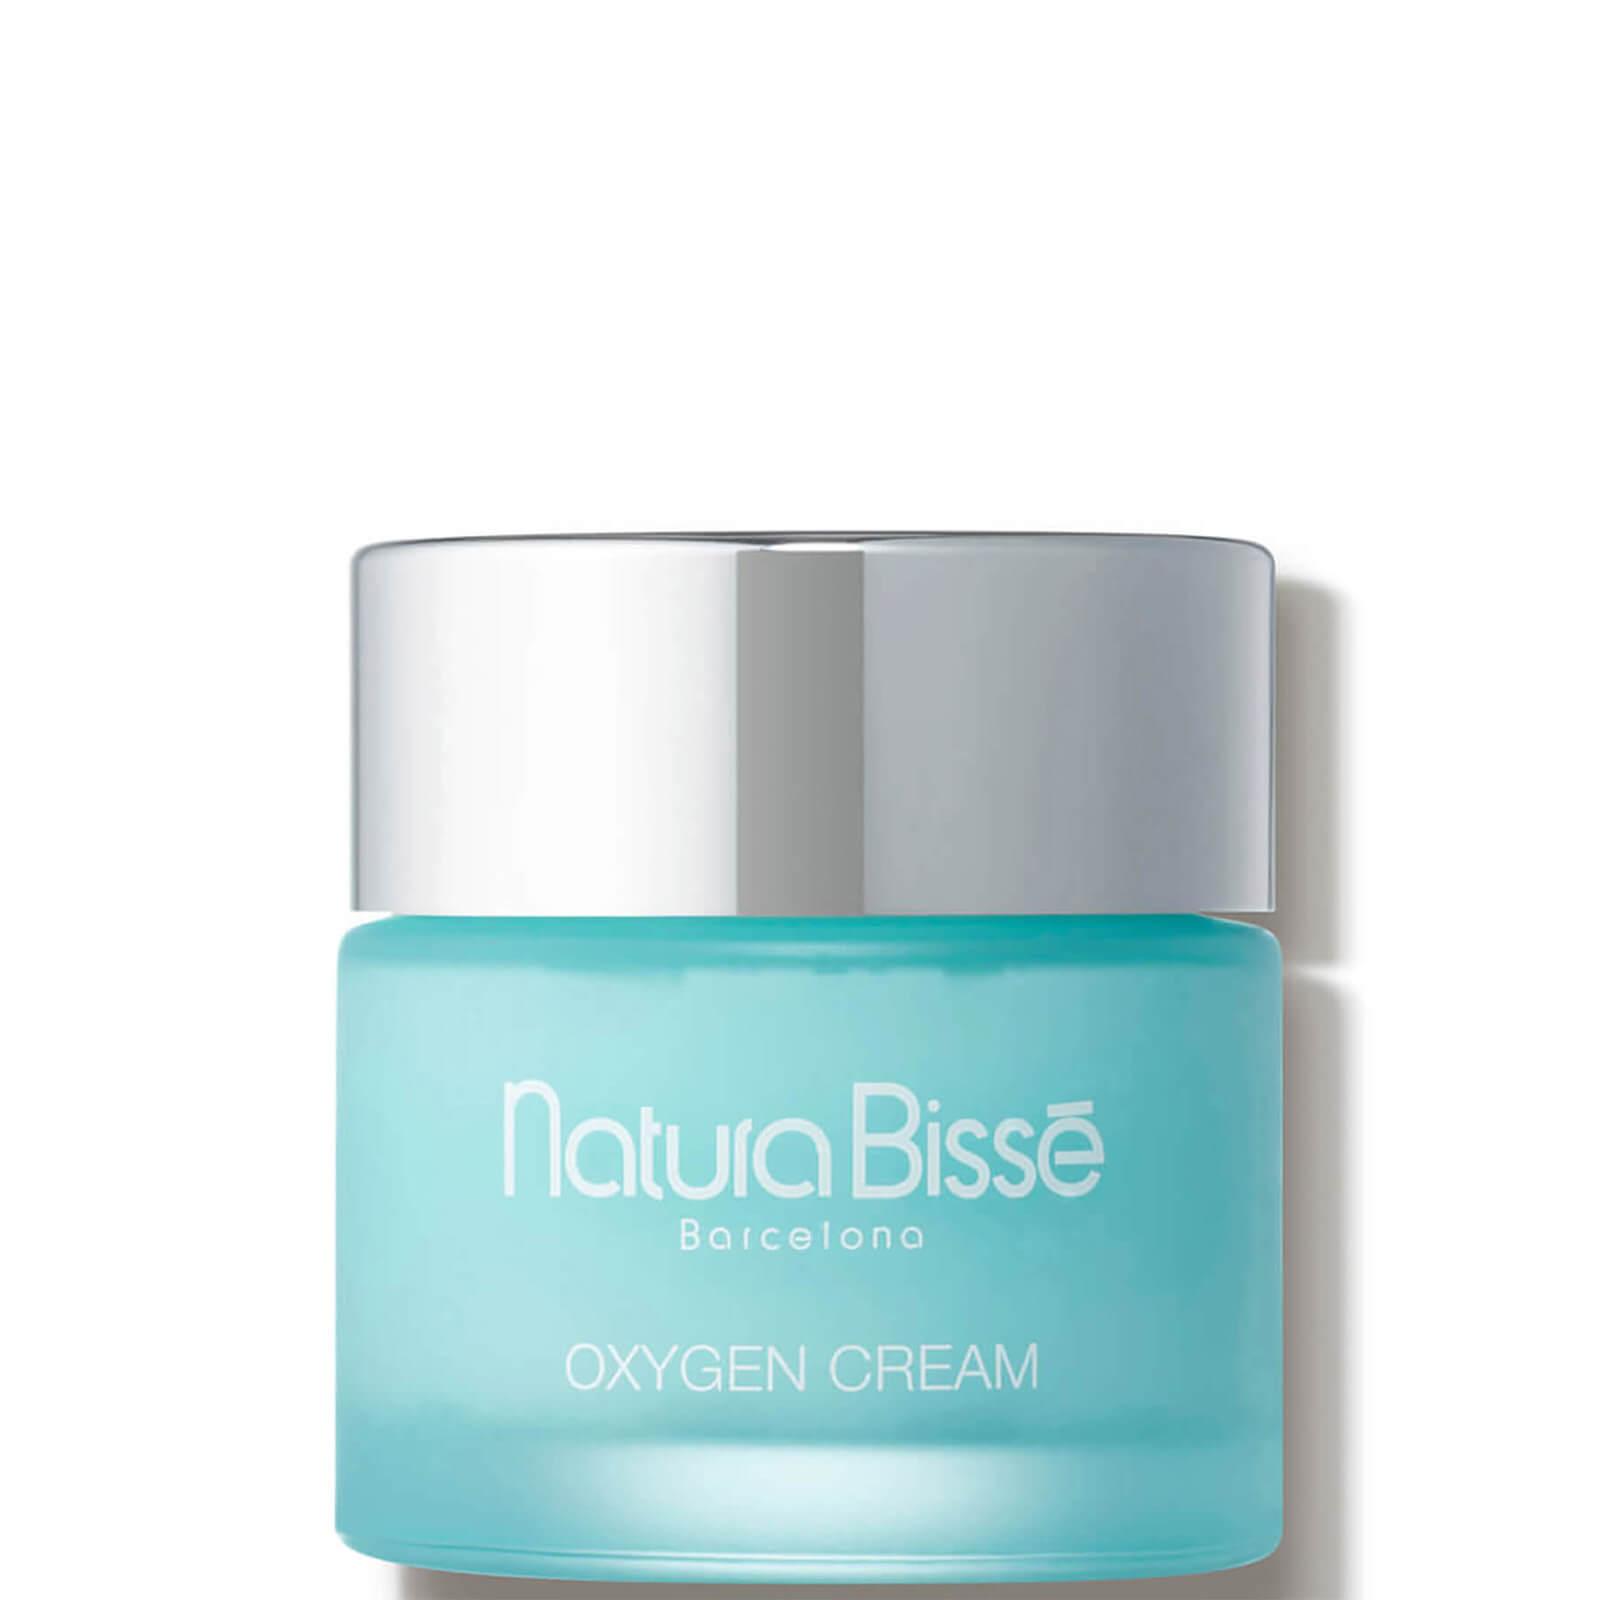 Купить Natura Bissé Oxygen Cream 75ml